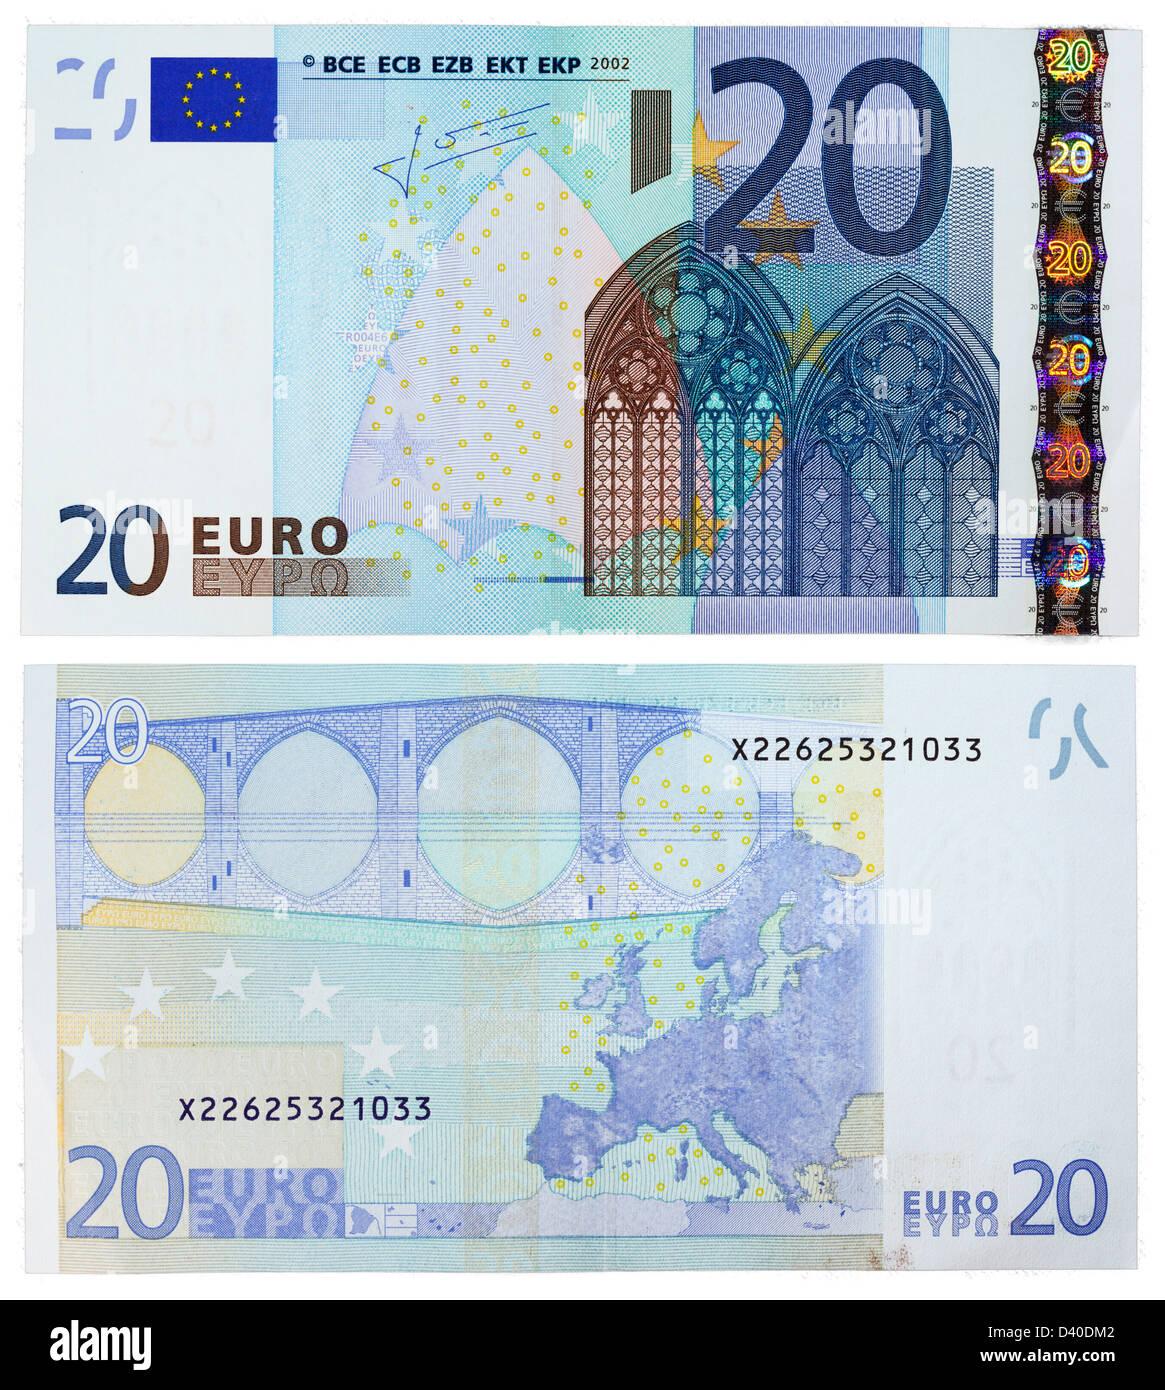 20 евро 2002 фото юбилейных десятирублевых монет